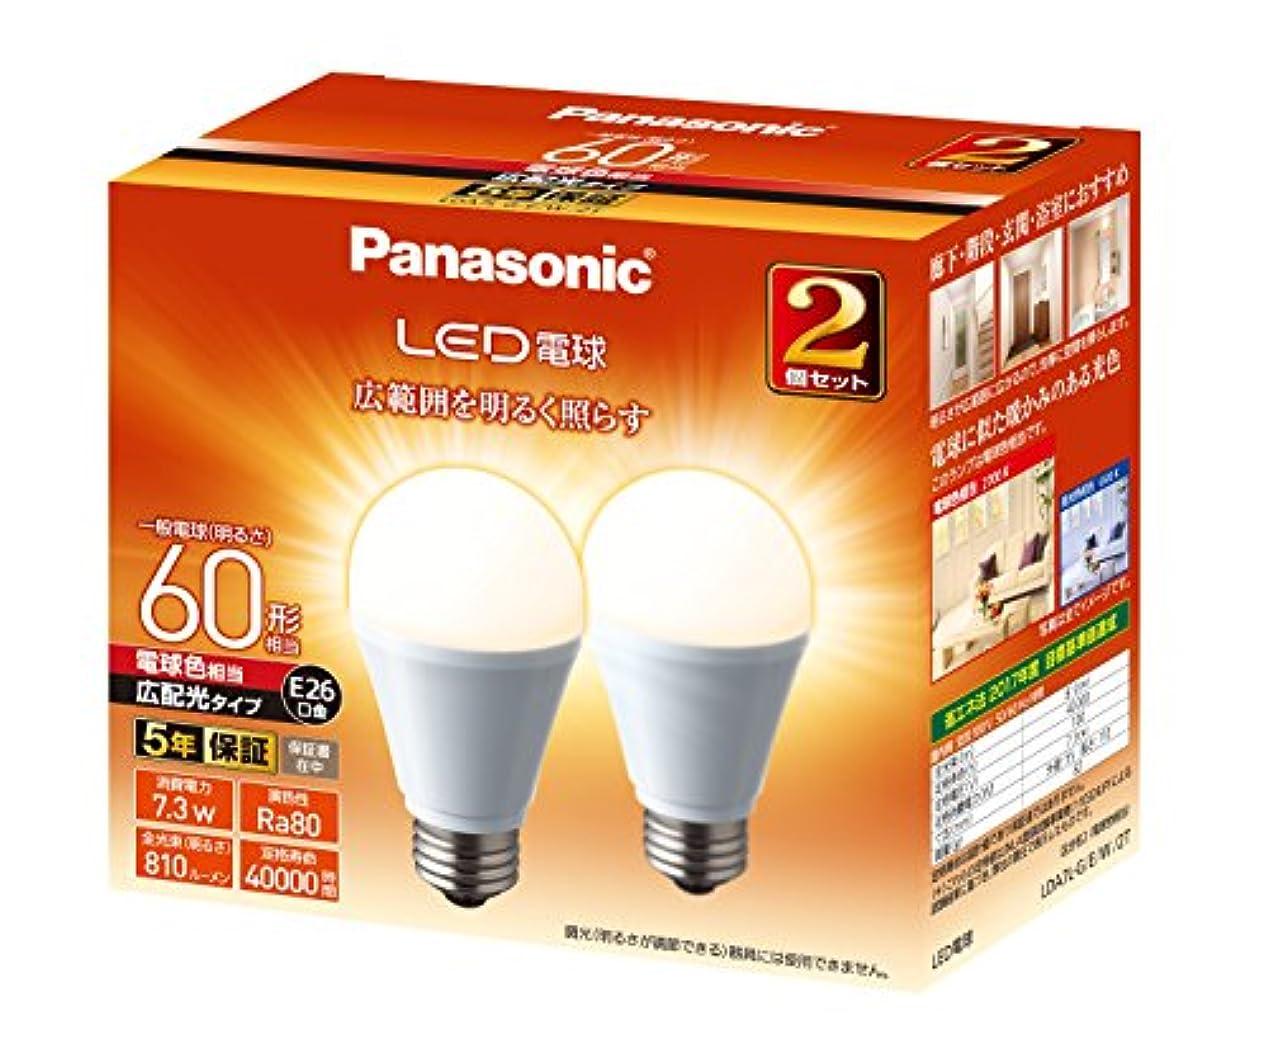 苦味好む考古学的なパナソニック LED電球 口金直径26mm 電球60W形相当 電球色相当(7.3W) 一般電球?広配光タイプ 2個入り 密閉形器具対応 LDA7LGEW2T